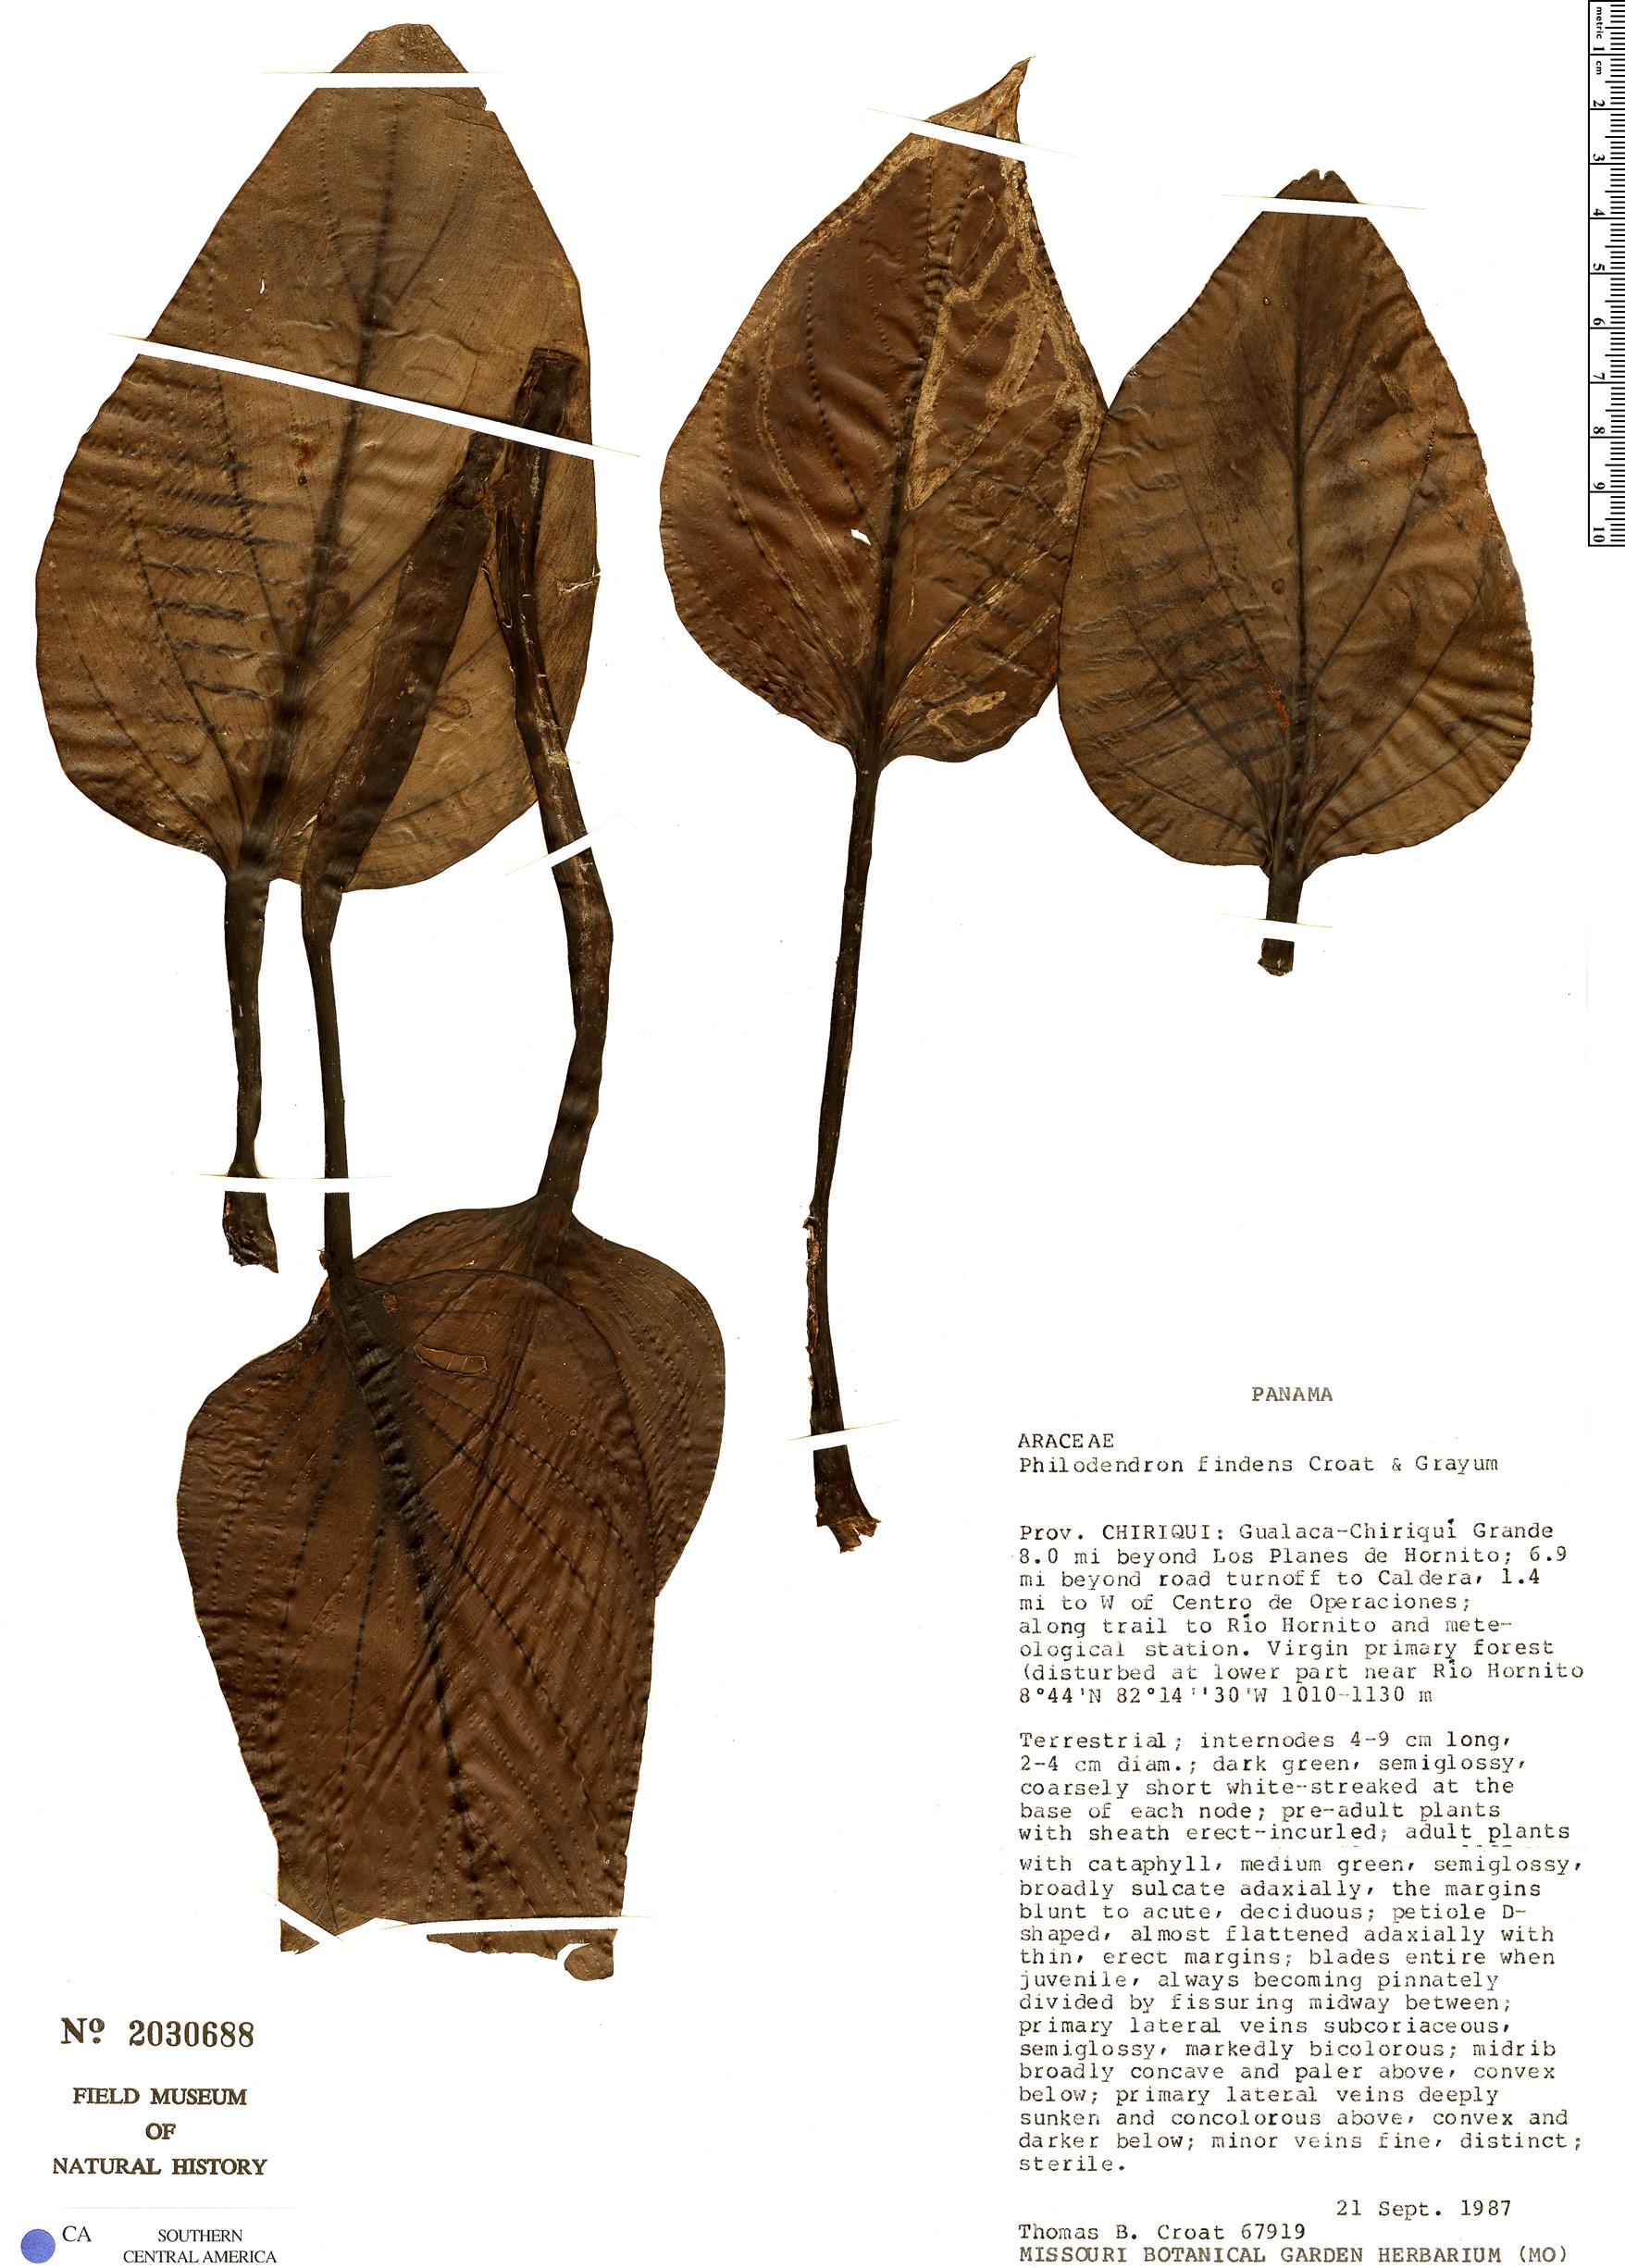 Specimen: Philodendron findens